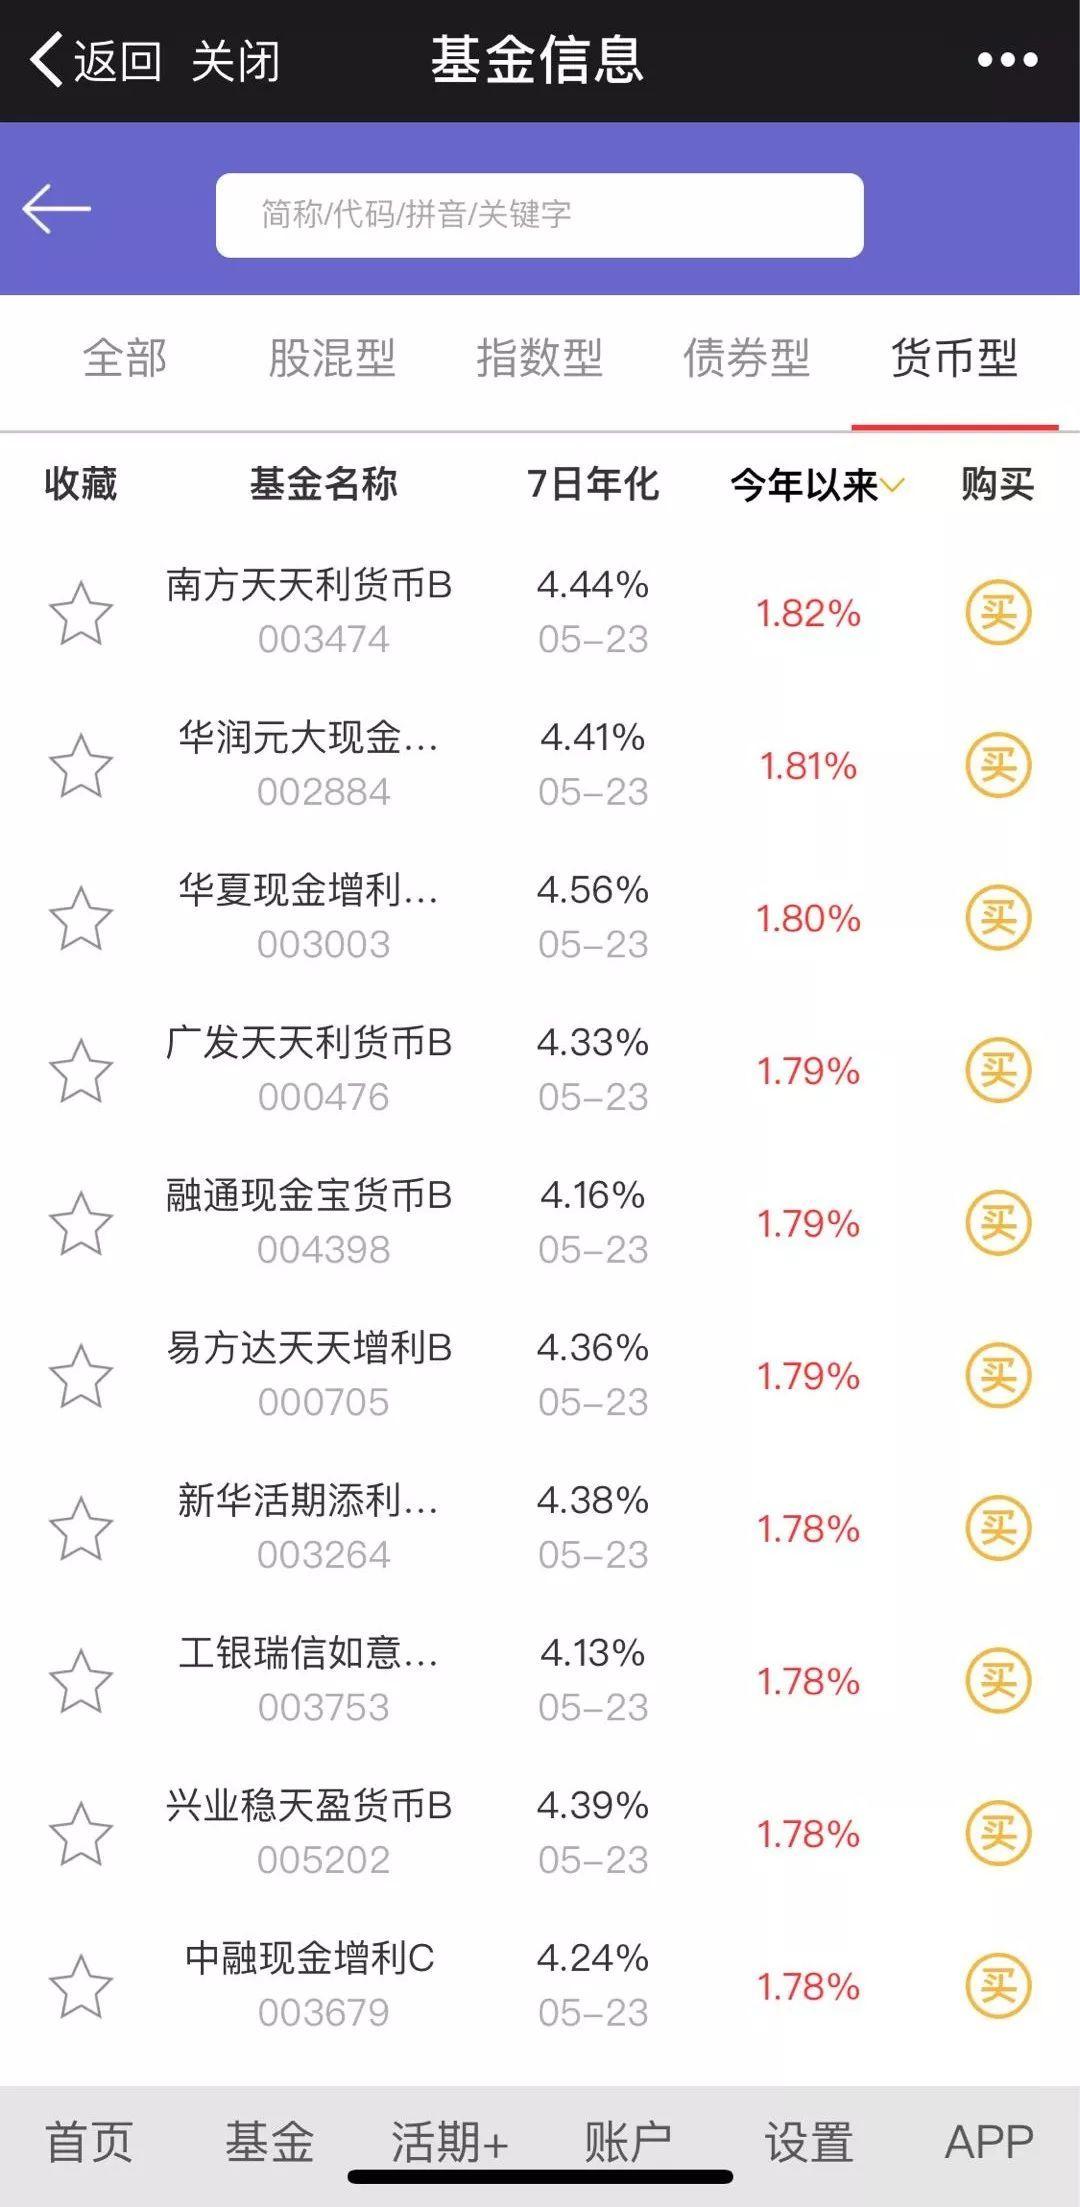 建信现金添利货币市场基金.doc -max上传文档投稿赚钱-文档C2...